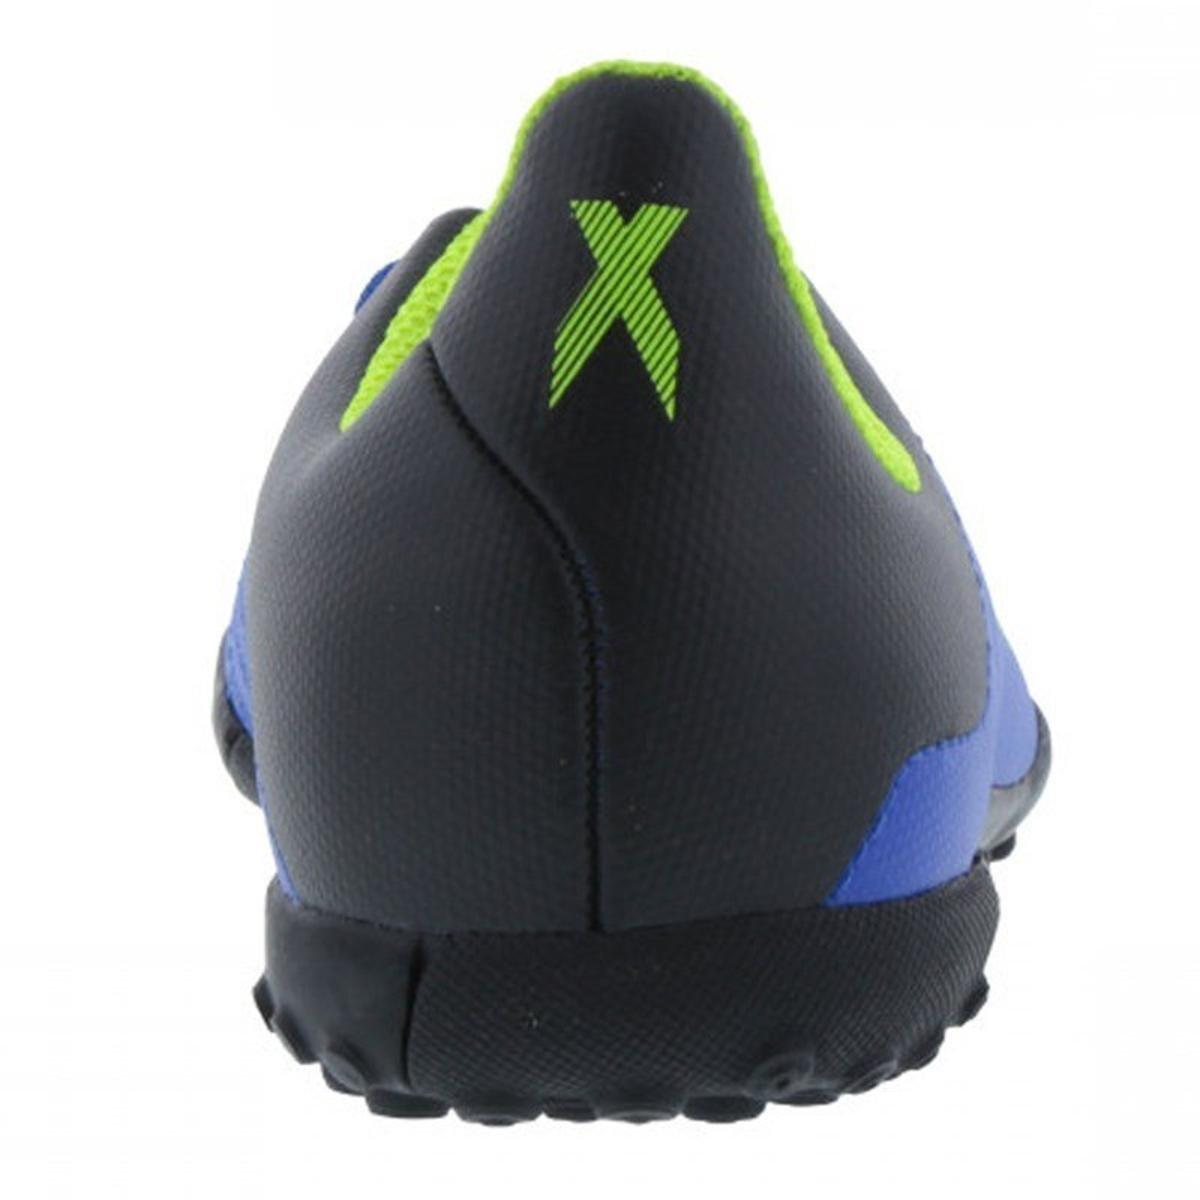 Chuteira Society Infantil Adidas X Tango 18 4 TF - Azul e Preto ... a523cfa8febee